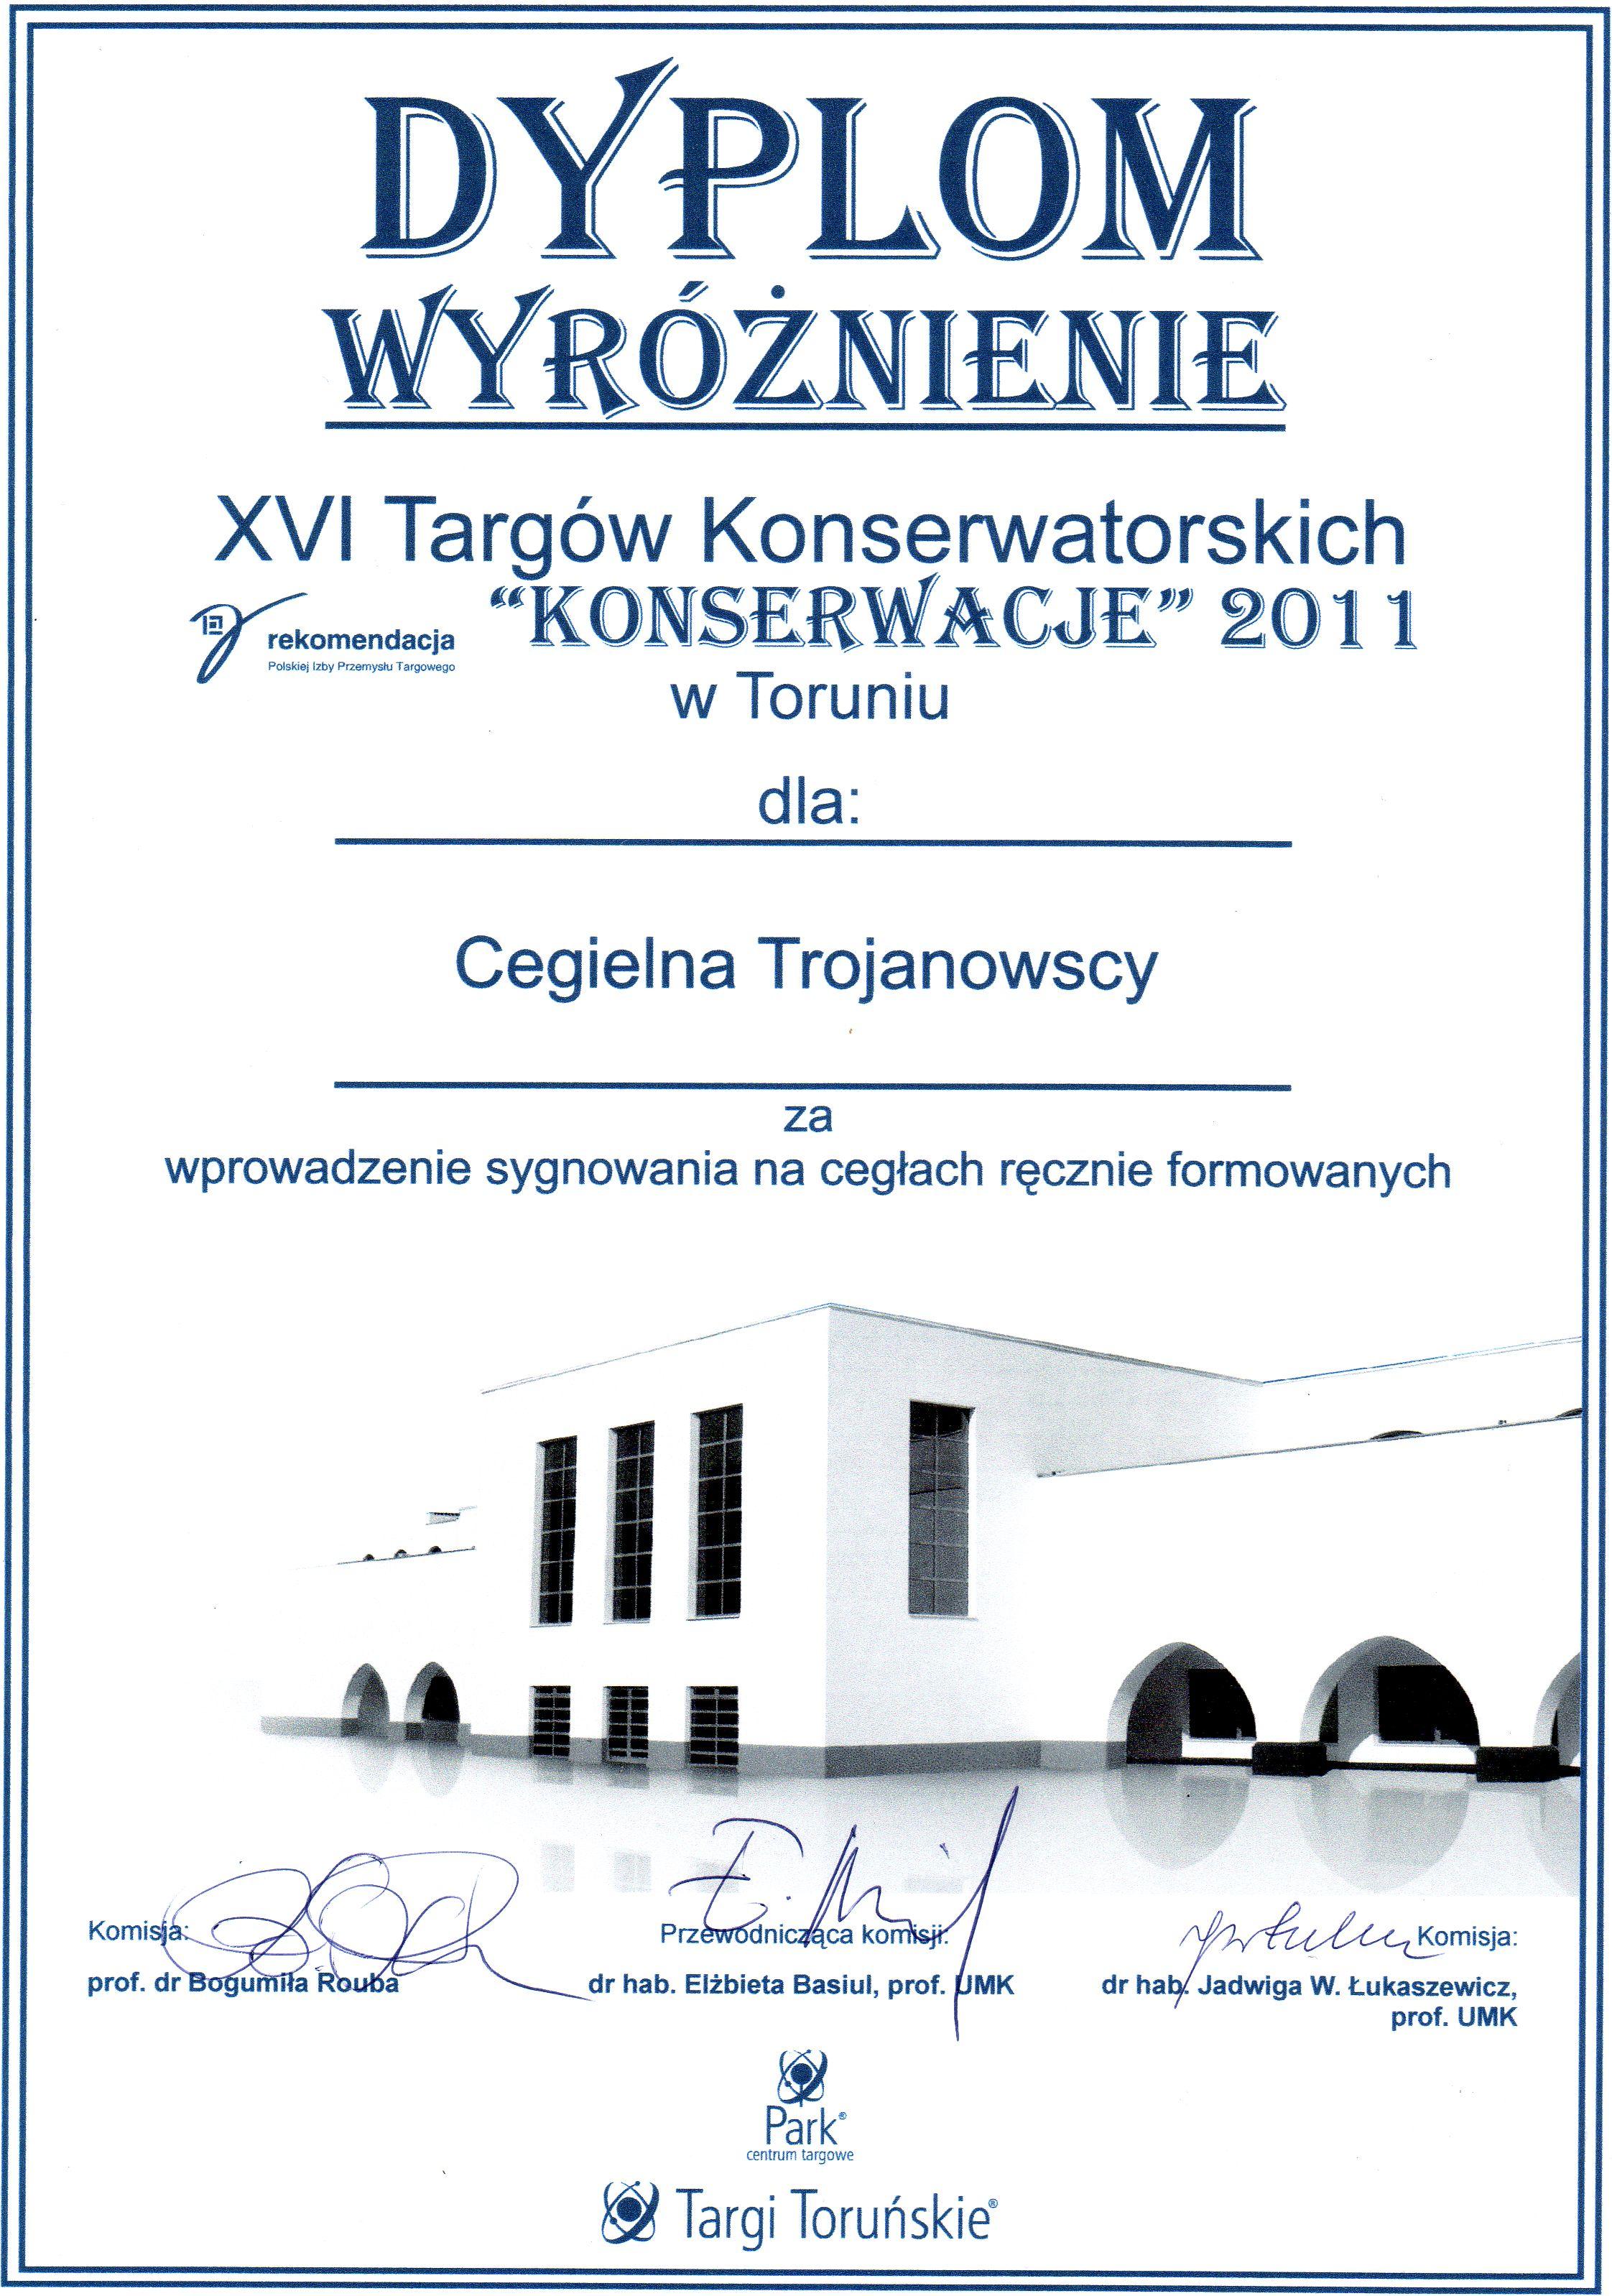 Dyplom wyróżnienie dla Cegielni Trojanowscy – Targi Konserwatorskie Toruń